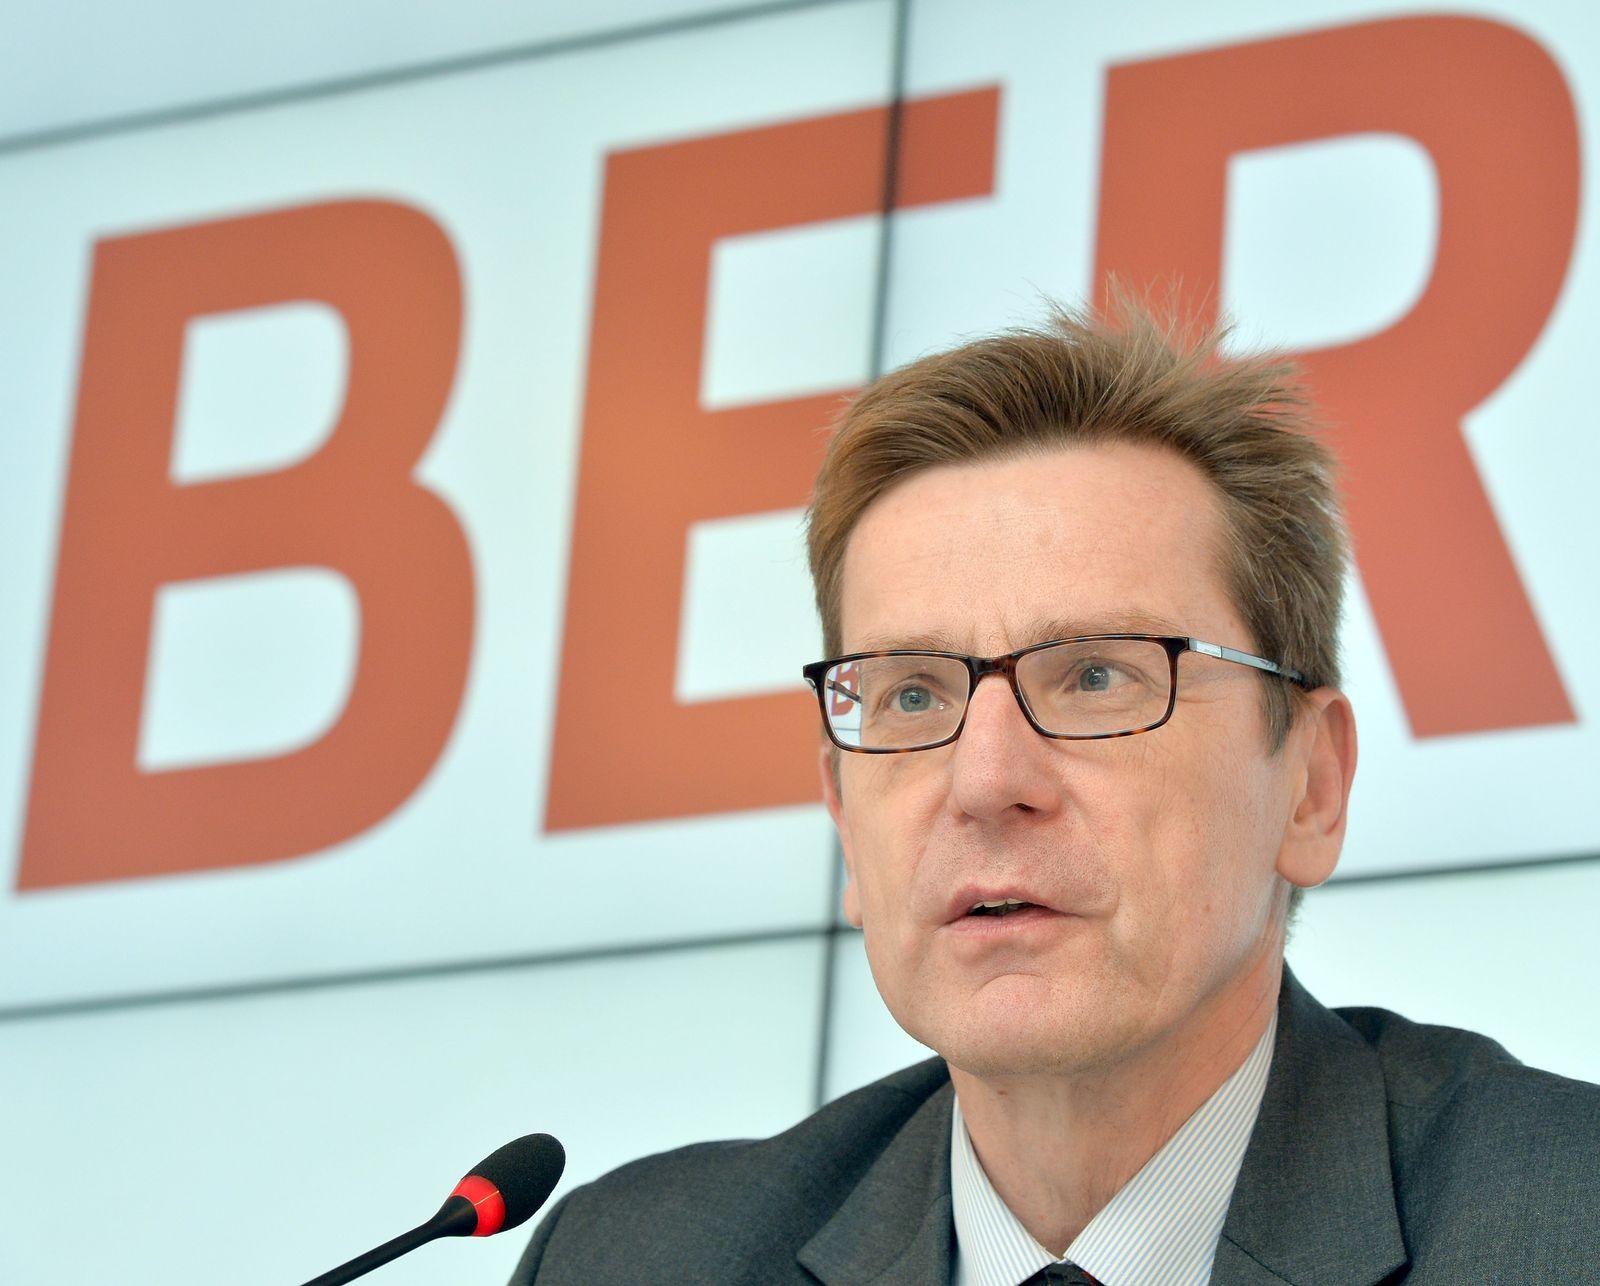 Neuer Flughafenchef - Karsten Mühlenfeld